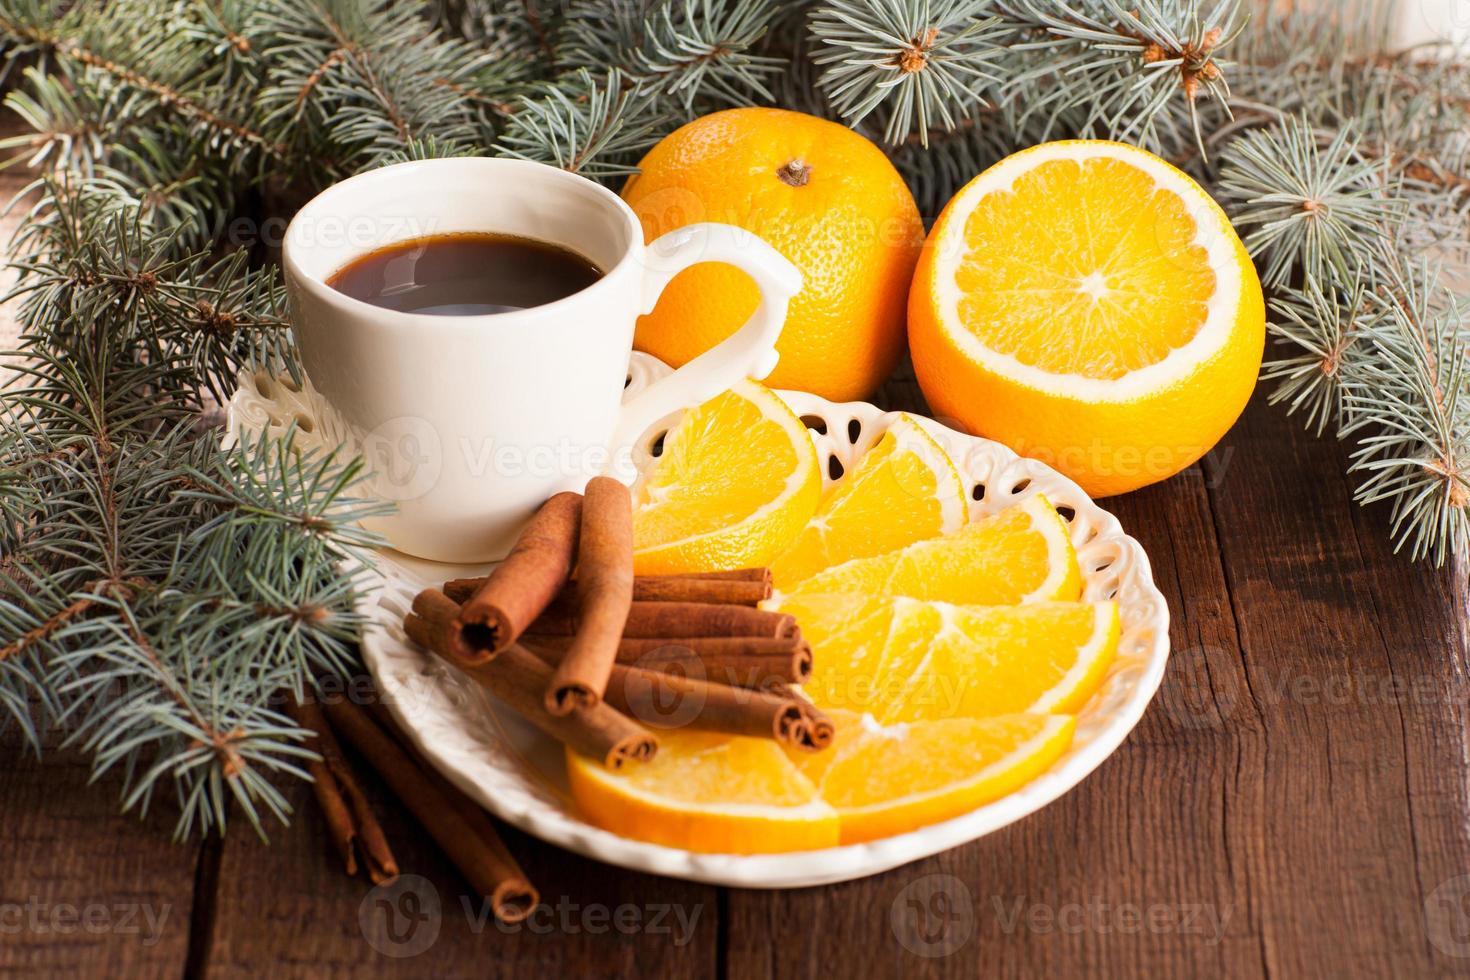 julbakgrund med apelsiner, kaffe och kanelstänger foto